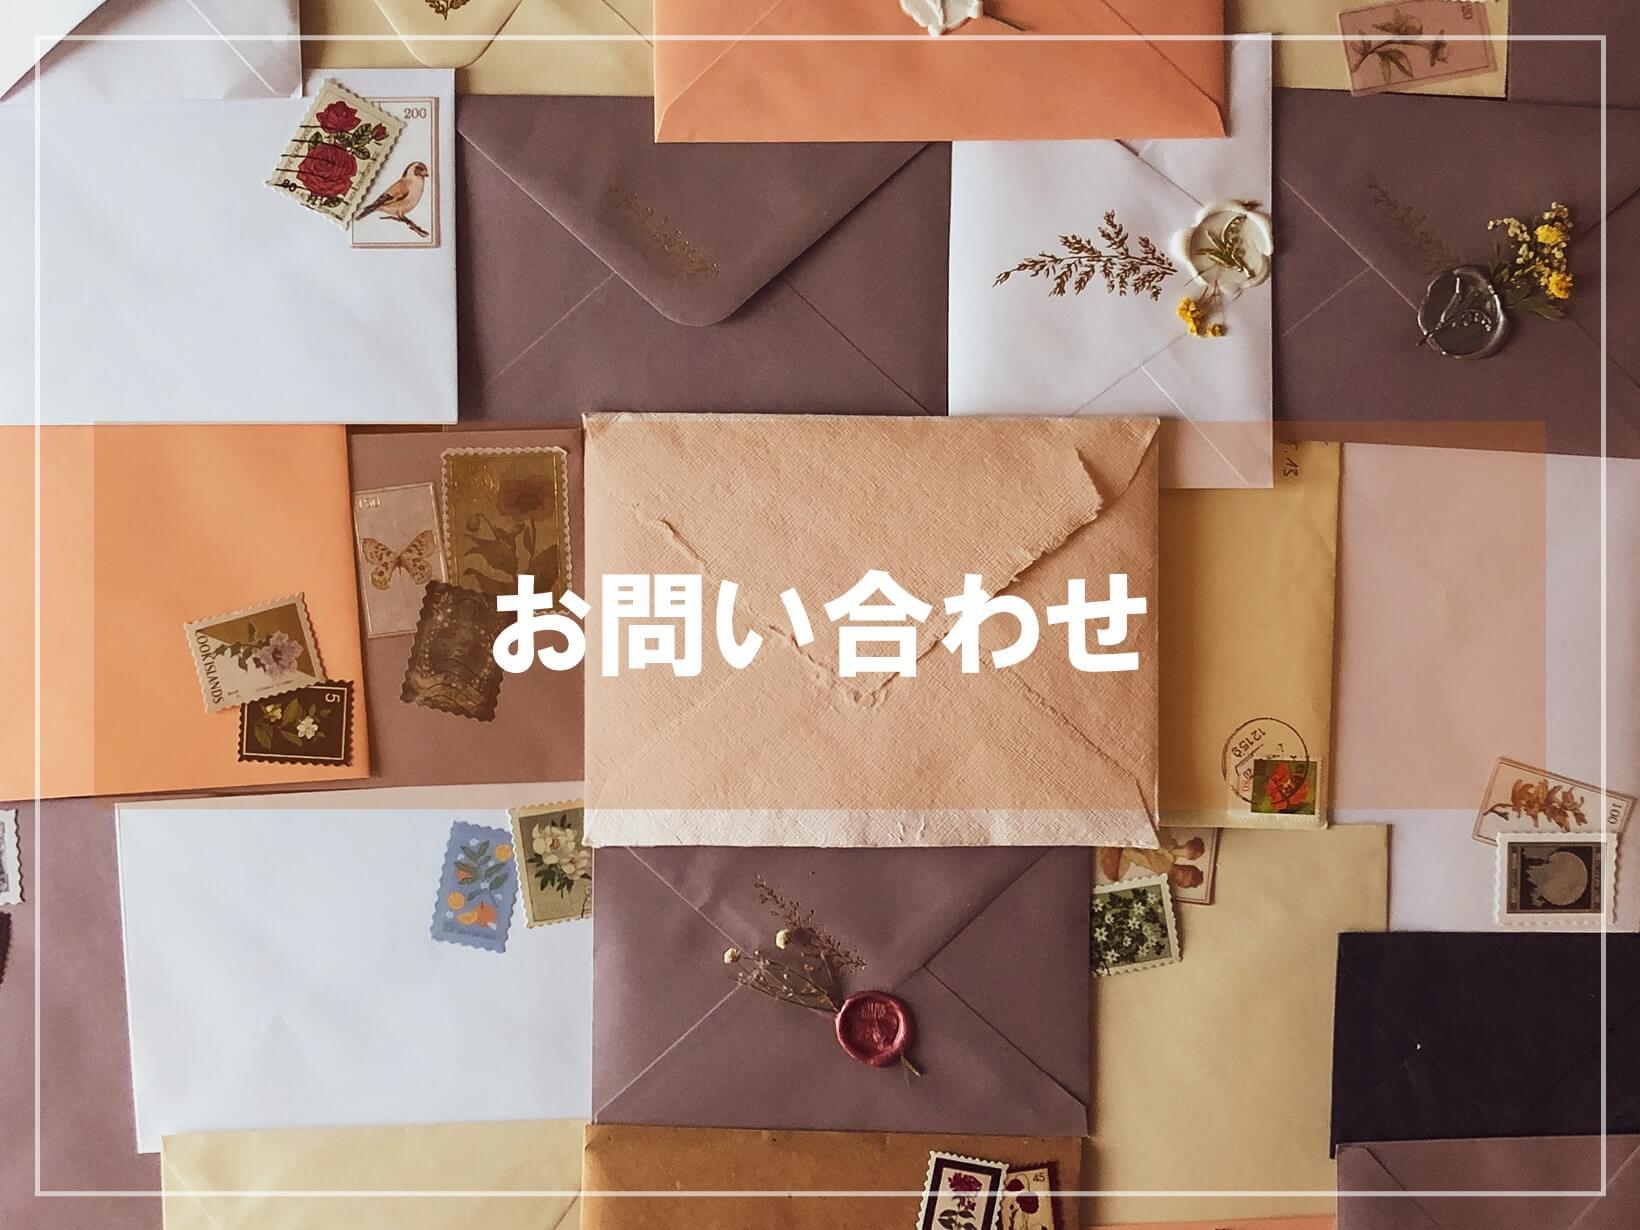 お問い合わせ Contact information